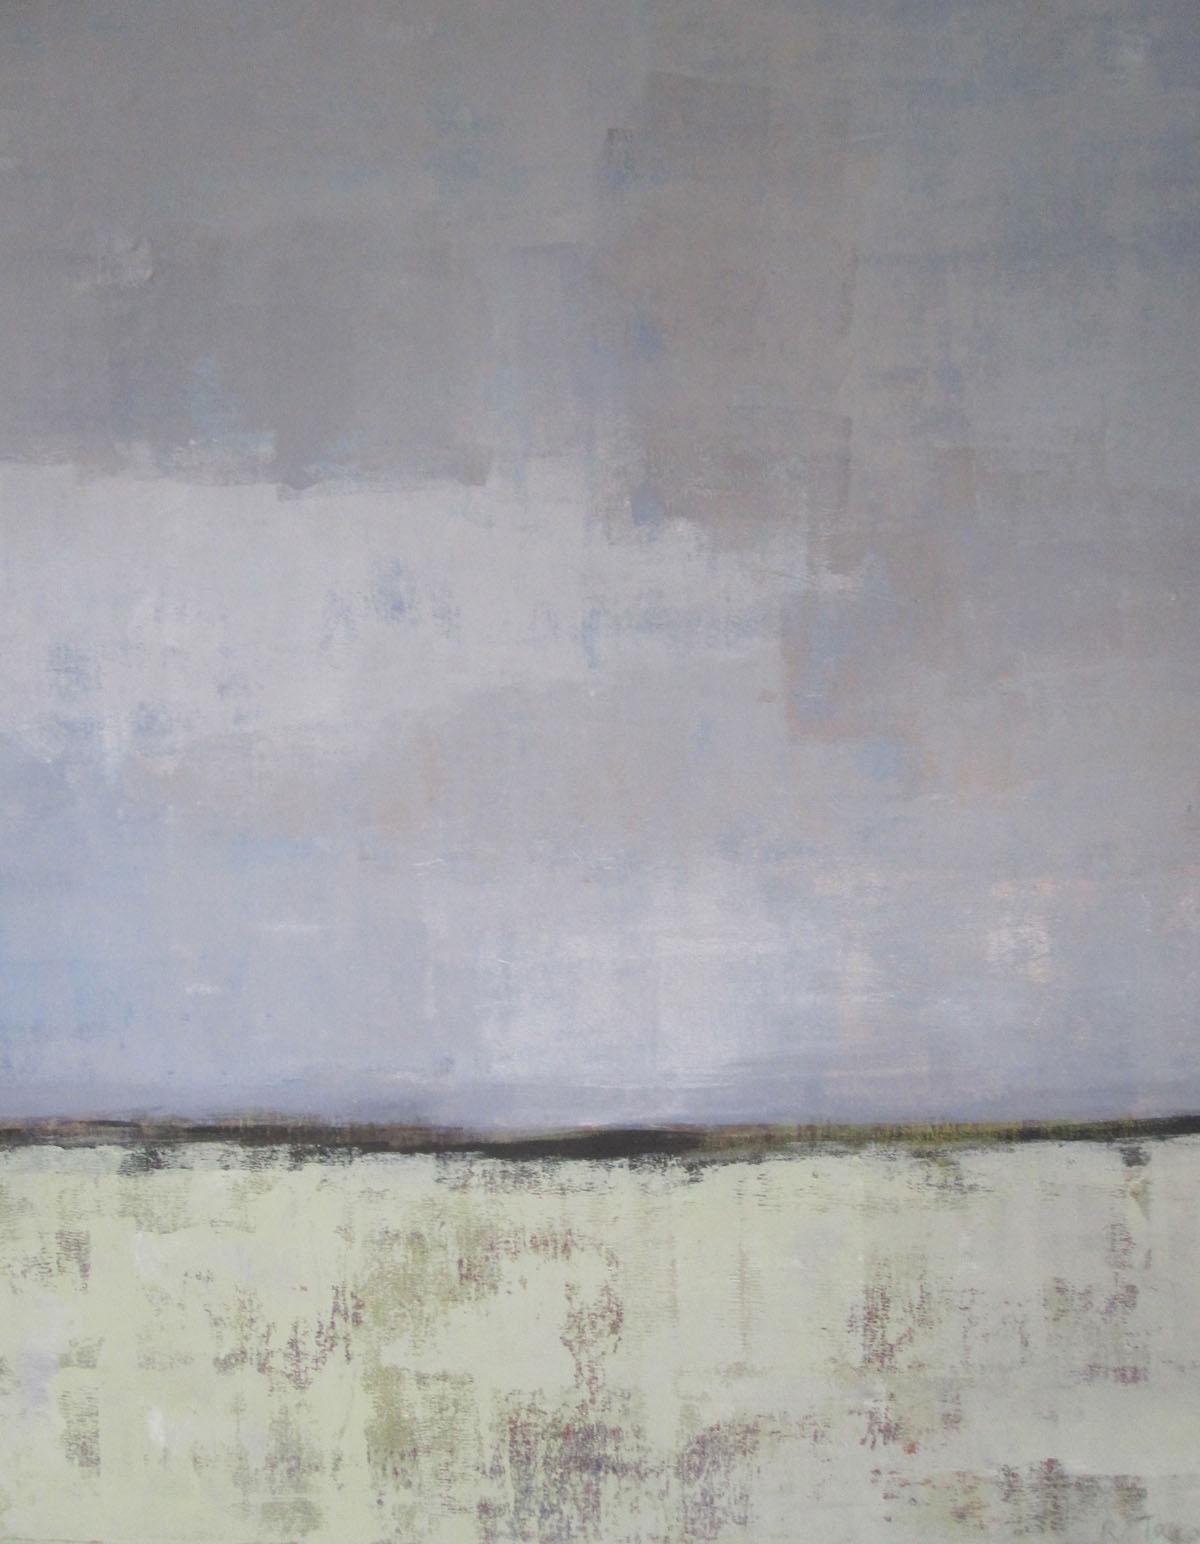 ohne Titel (1), Mischtechnik auf Leinwand, 90x80cm, 2013